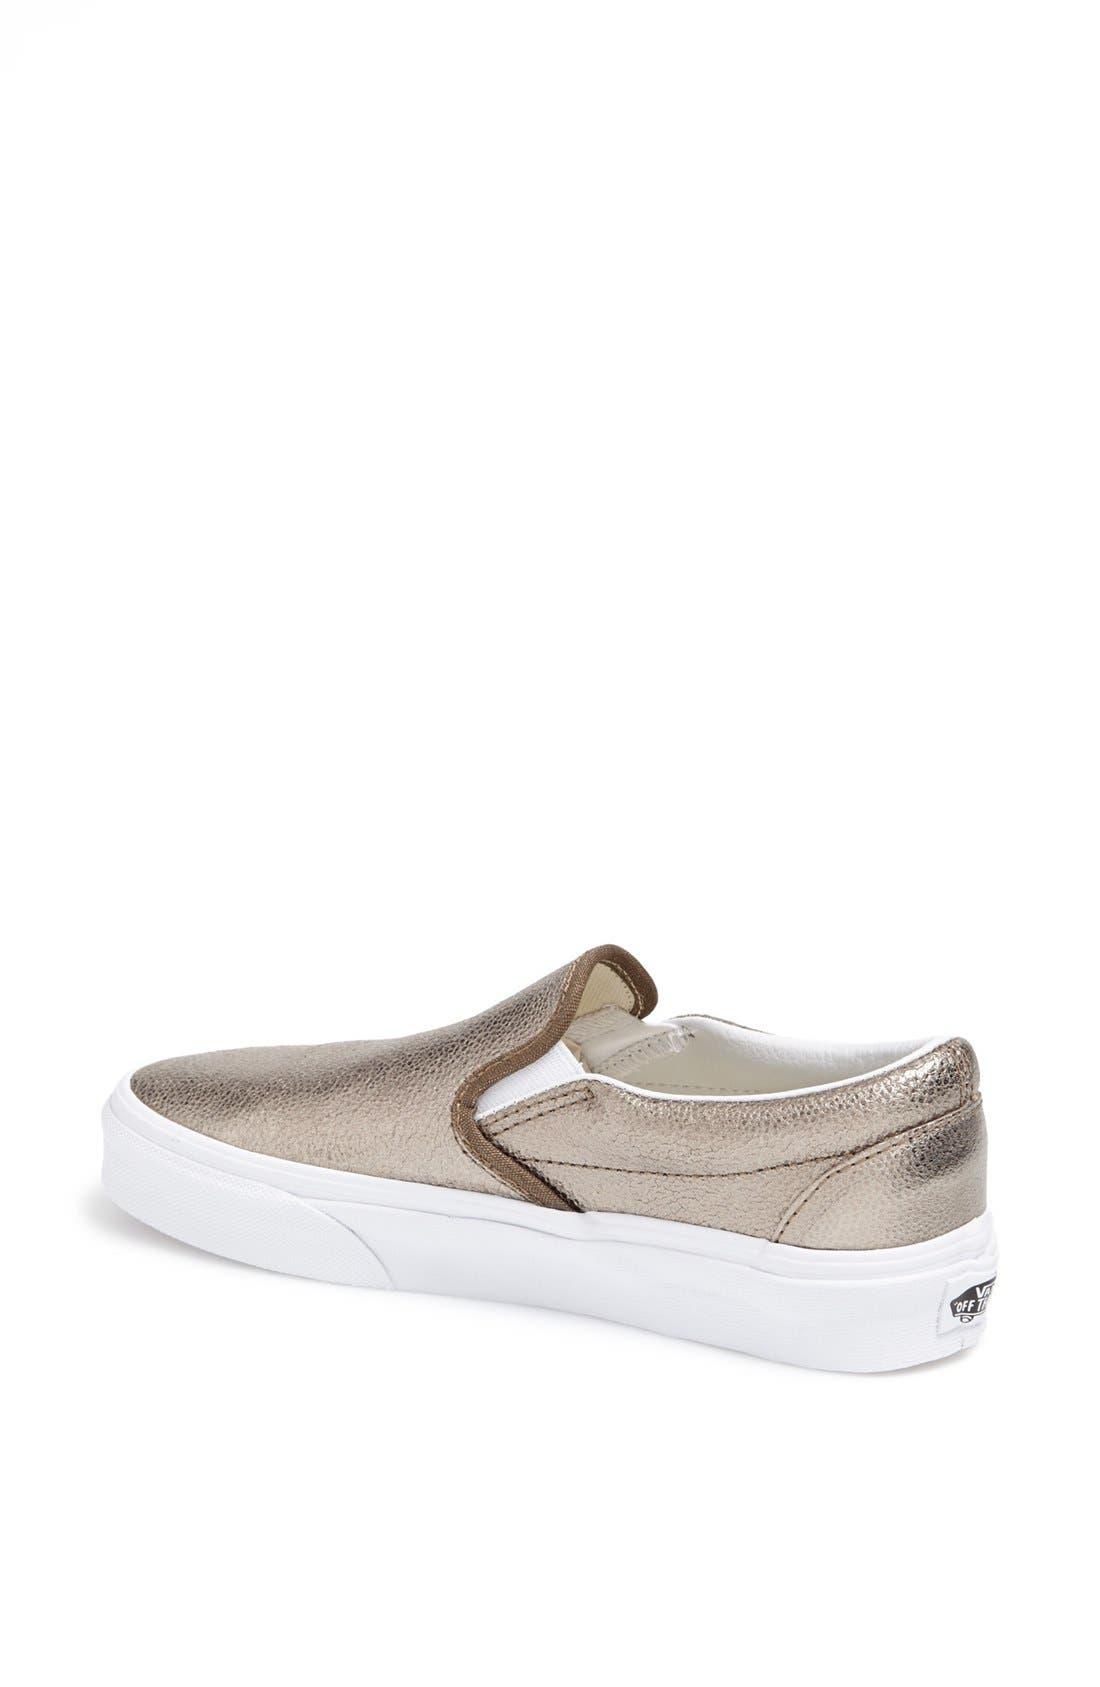 Alternate Image 2  - Vans Metallic Slip-On Sneaker (Women)